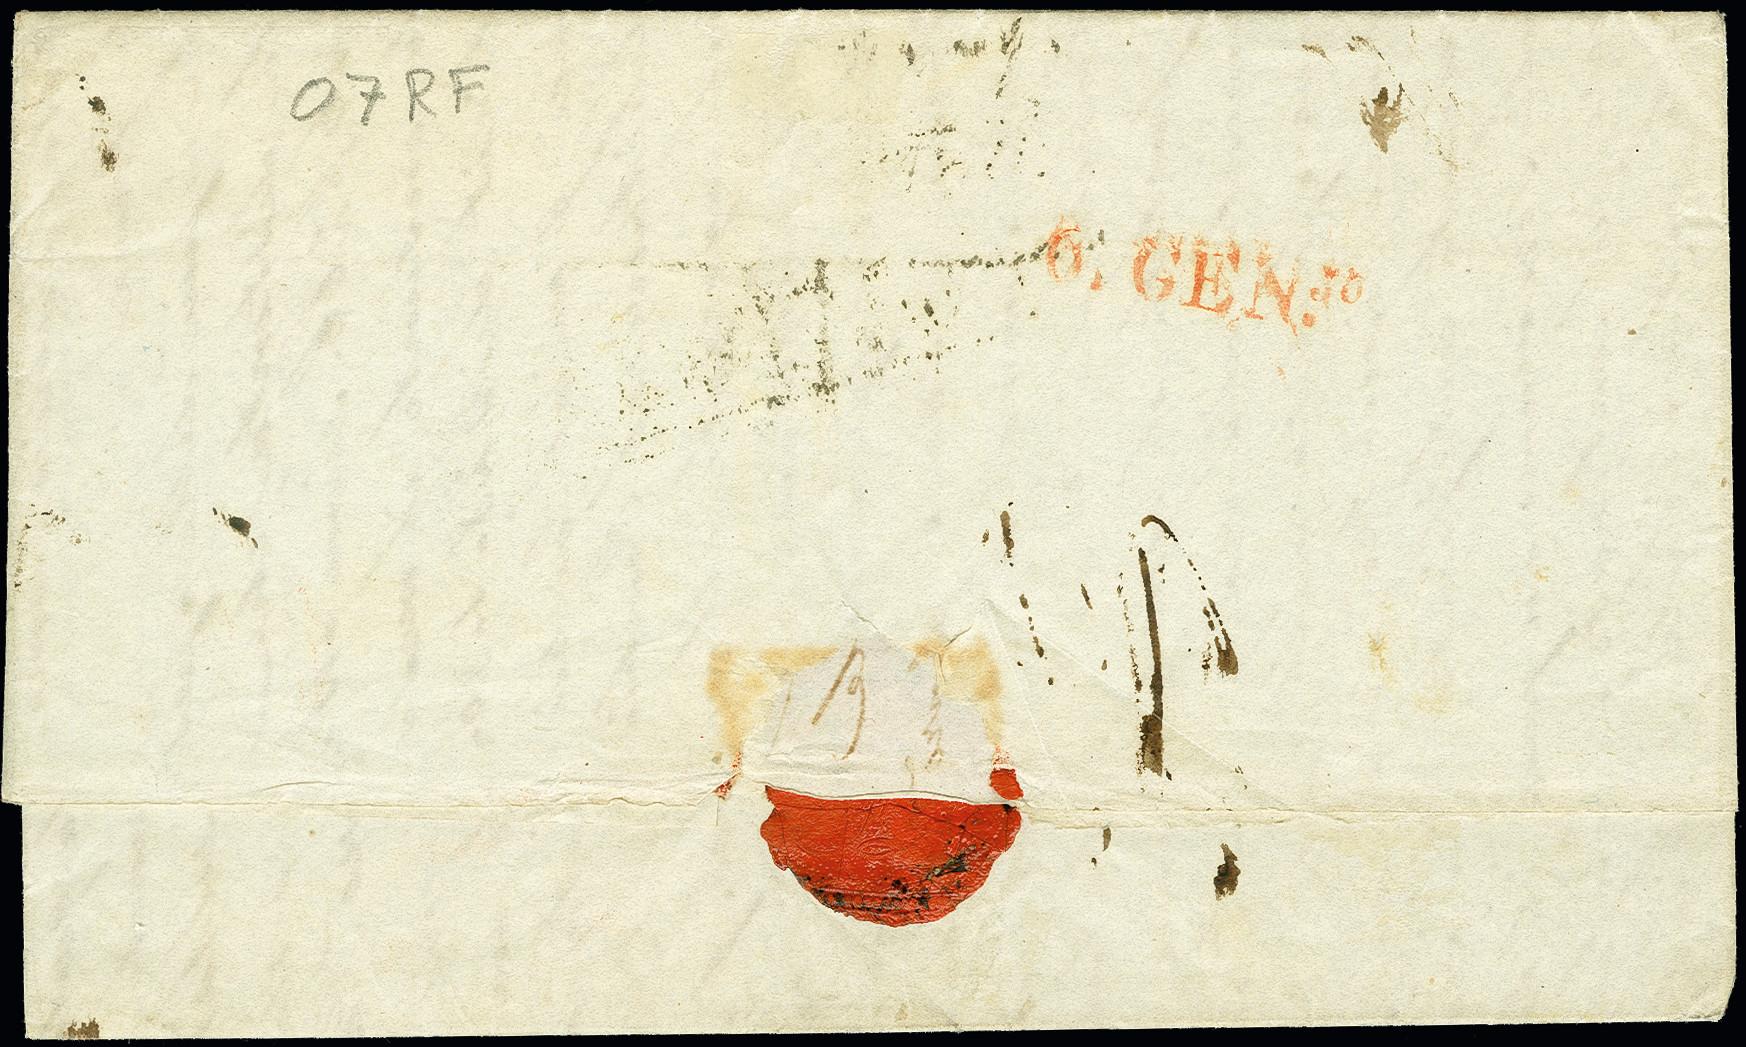 Lot 1546 - übersee brazil -  Heinrich Koehler Auktionen 375rd Heinrich Köhler auction - Day 1